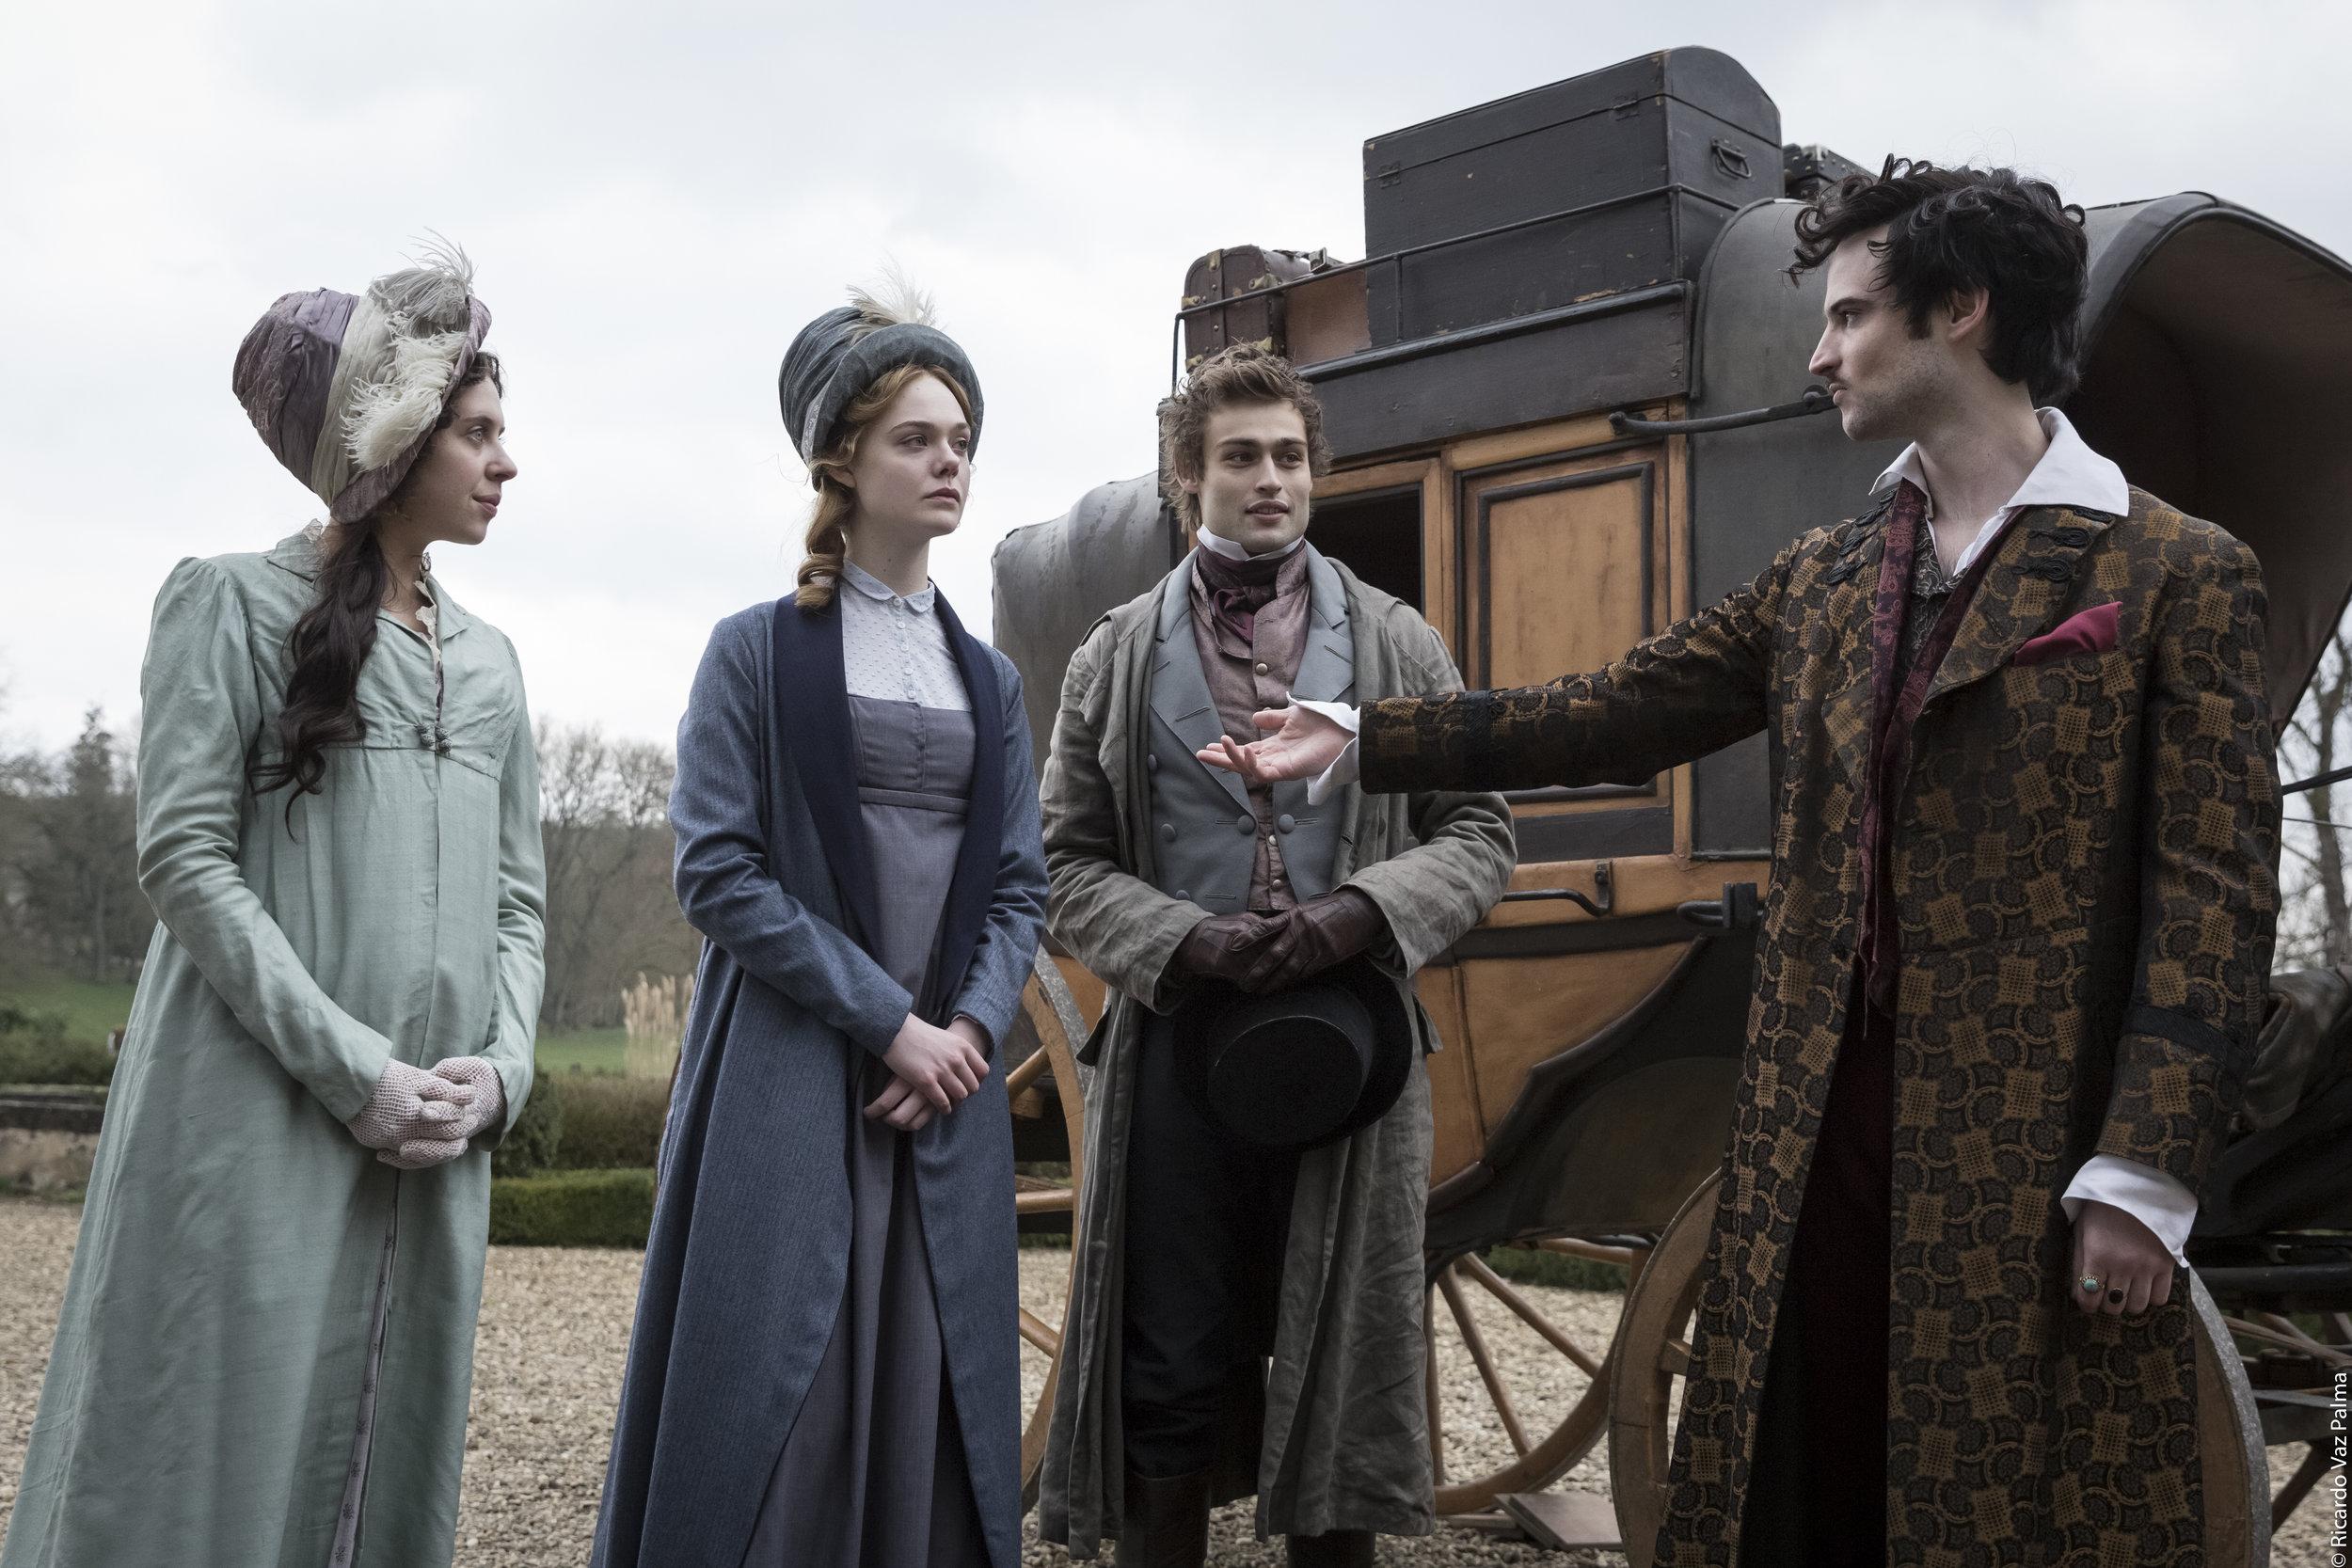 Bel Powley, Elle Fanning, Douglas Booth, Tom Sturridge in Mary Shelley